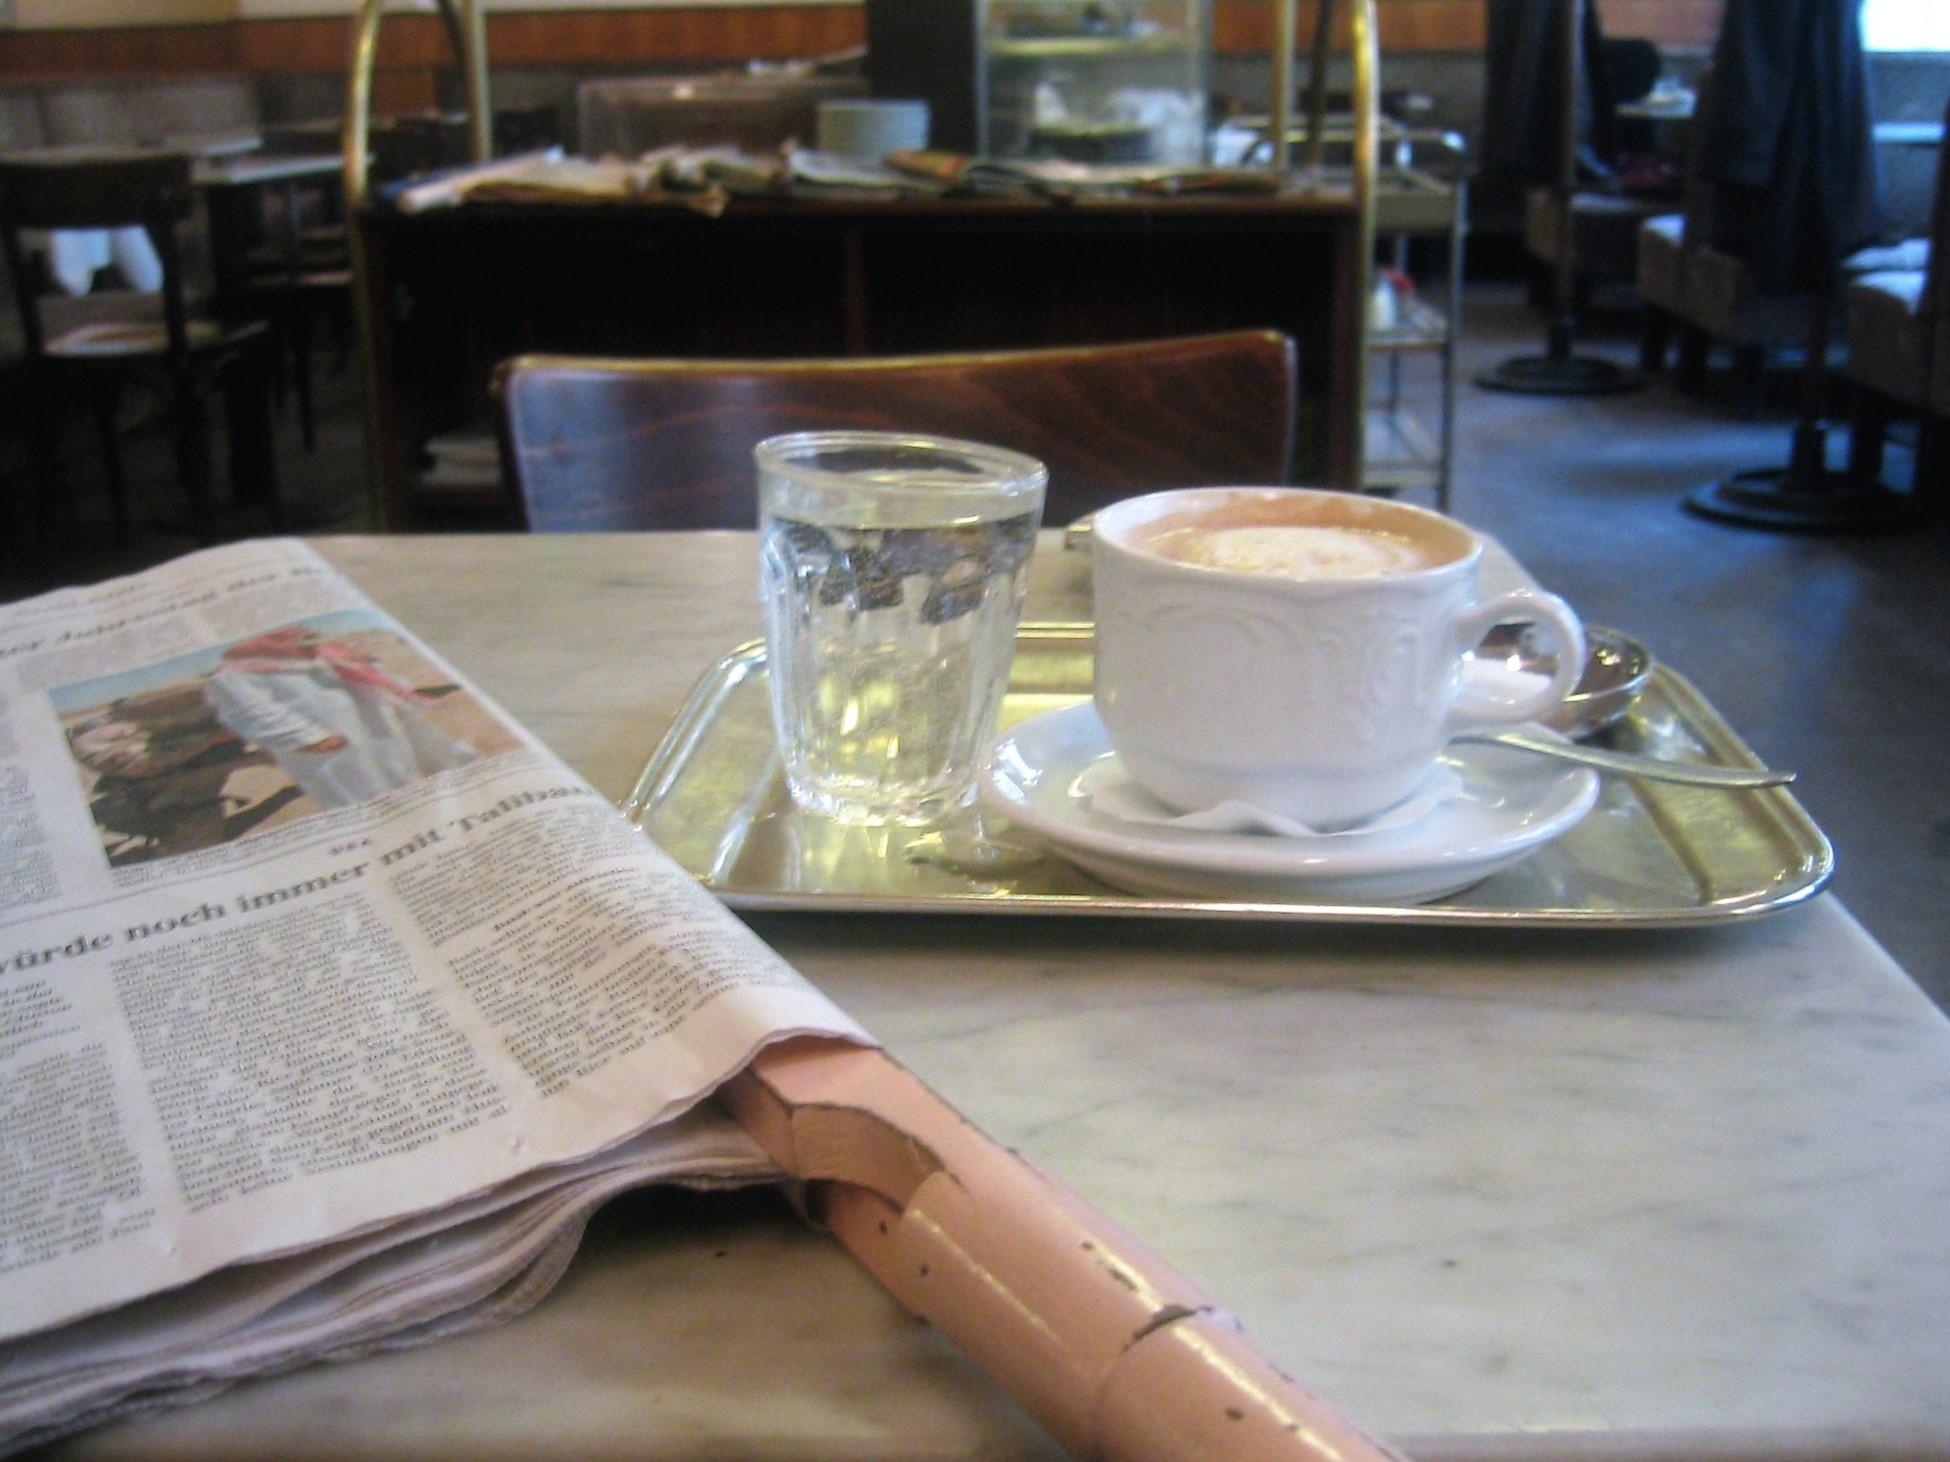 In Einem Cafe Oder Restaurant